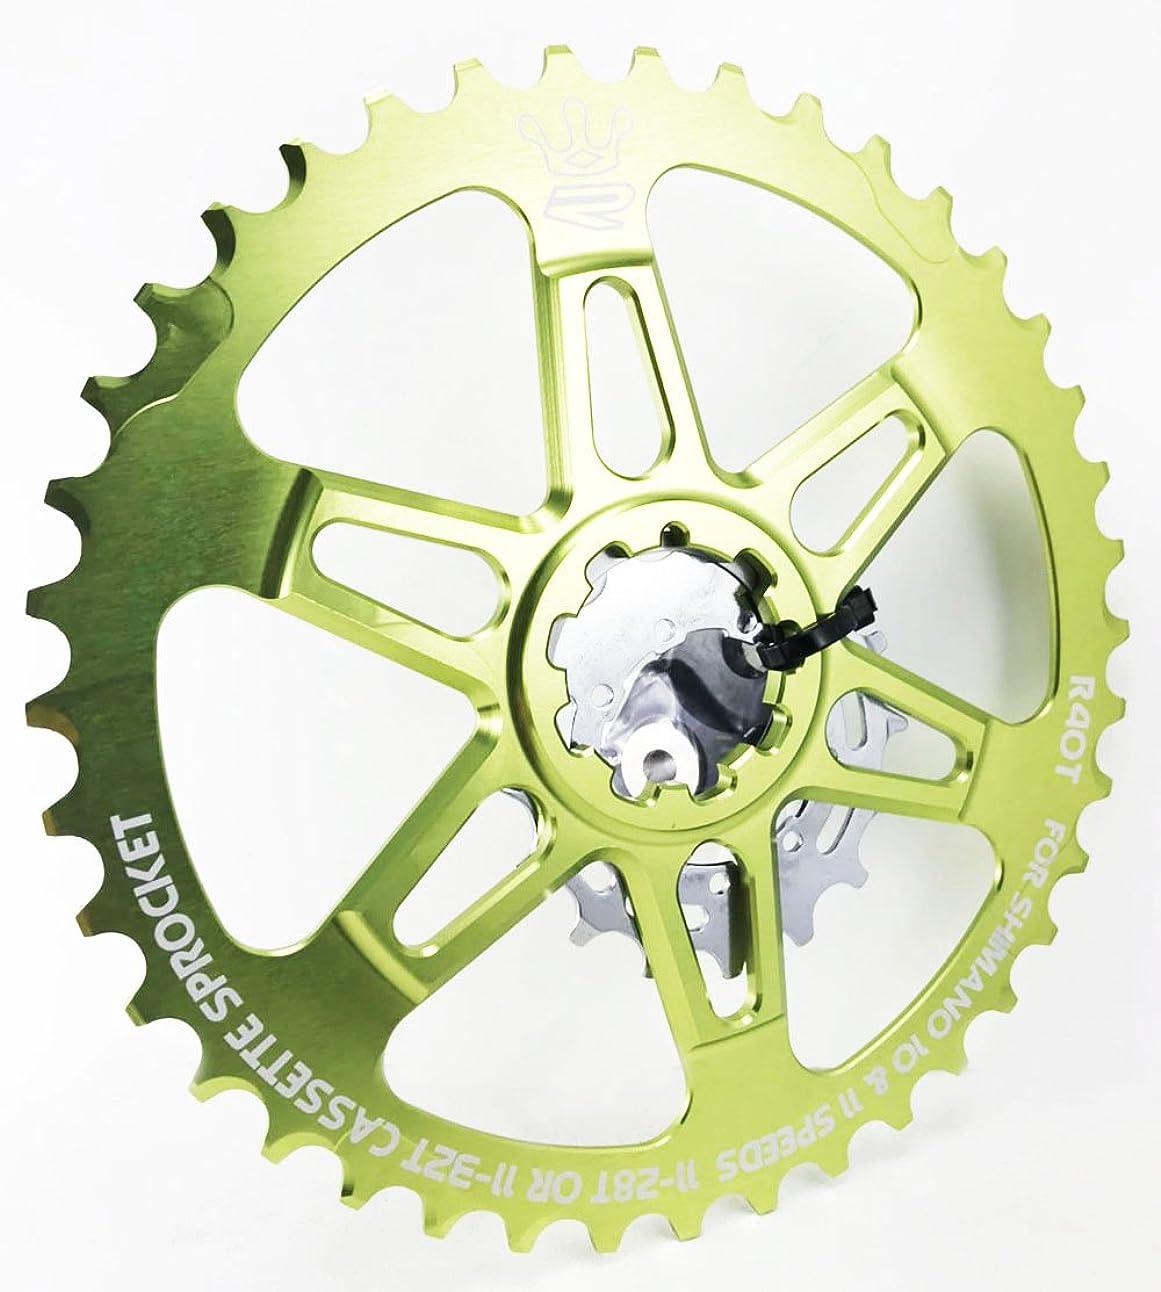 ライオン通知するクモRELIC レリク R40Tロードバイク用カセットスプロケットコグキット/ 40T / 16T アップグレードShimano 28/32T 黒.緑